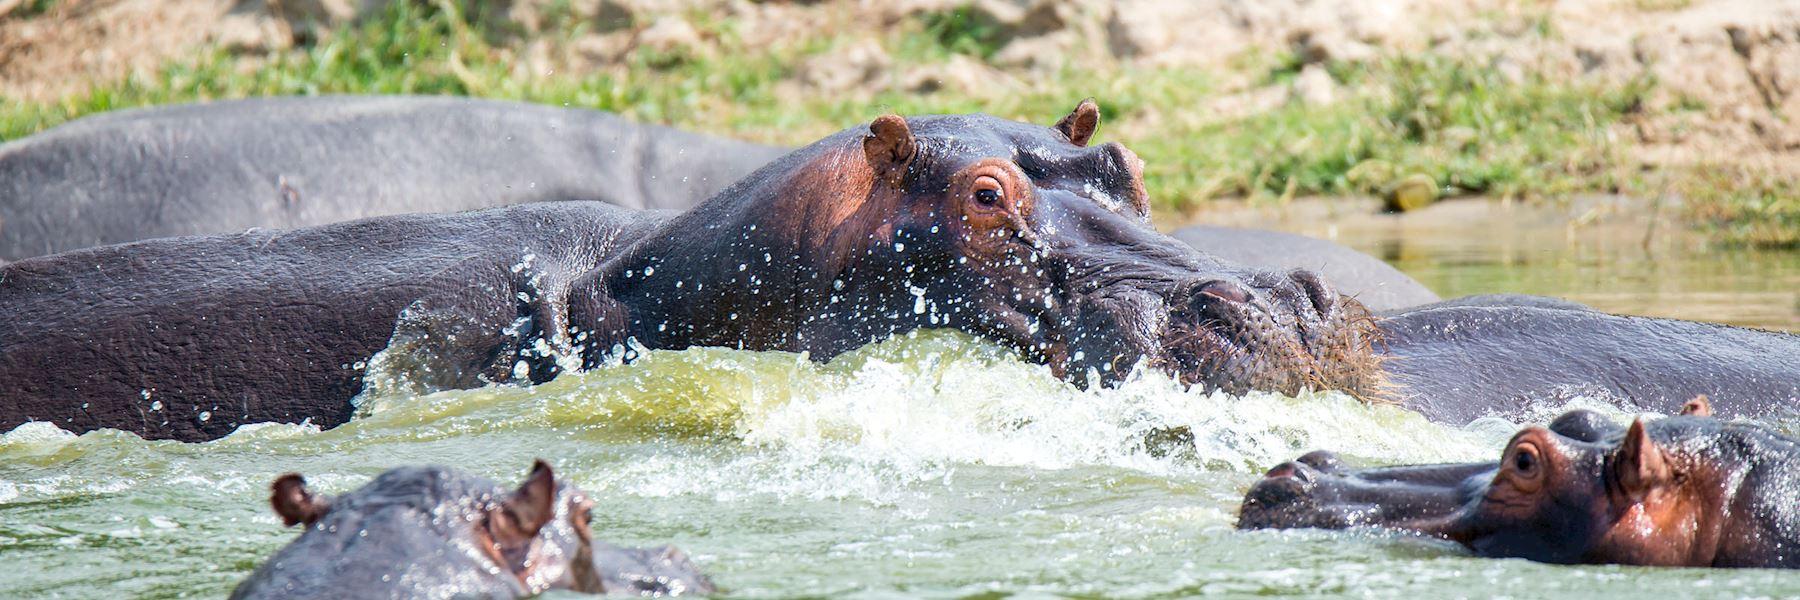 Visit Queen Elizabeth National Park, Uganda